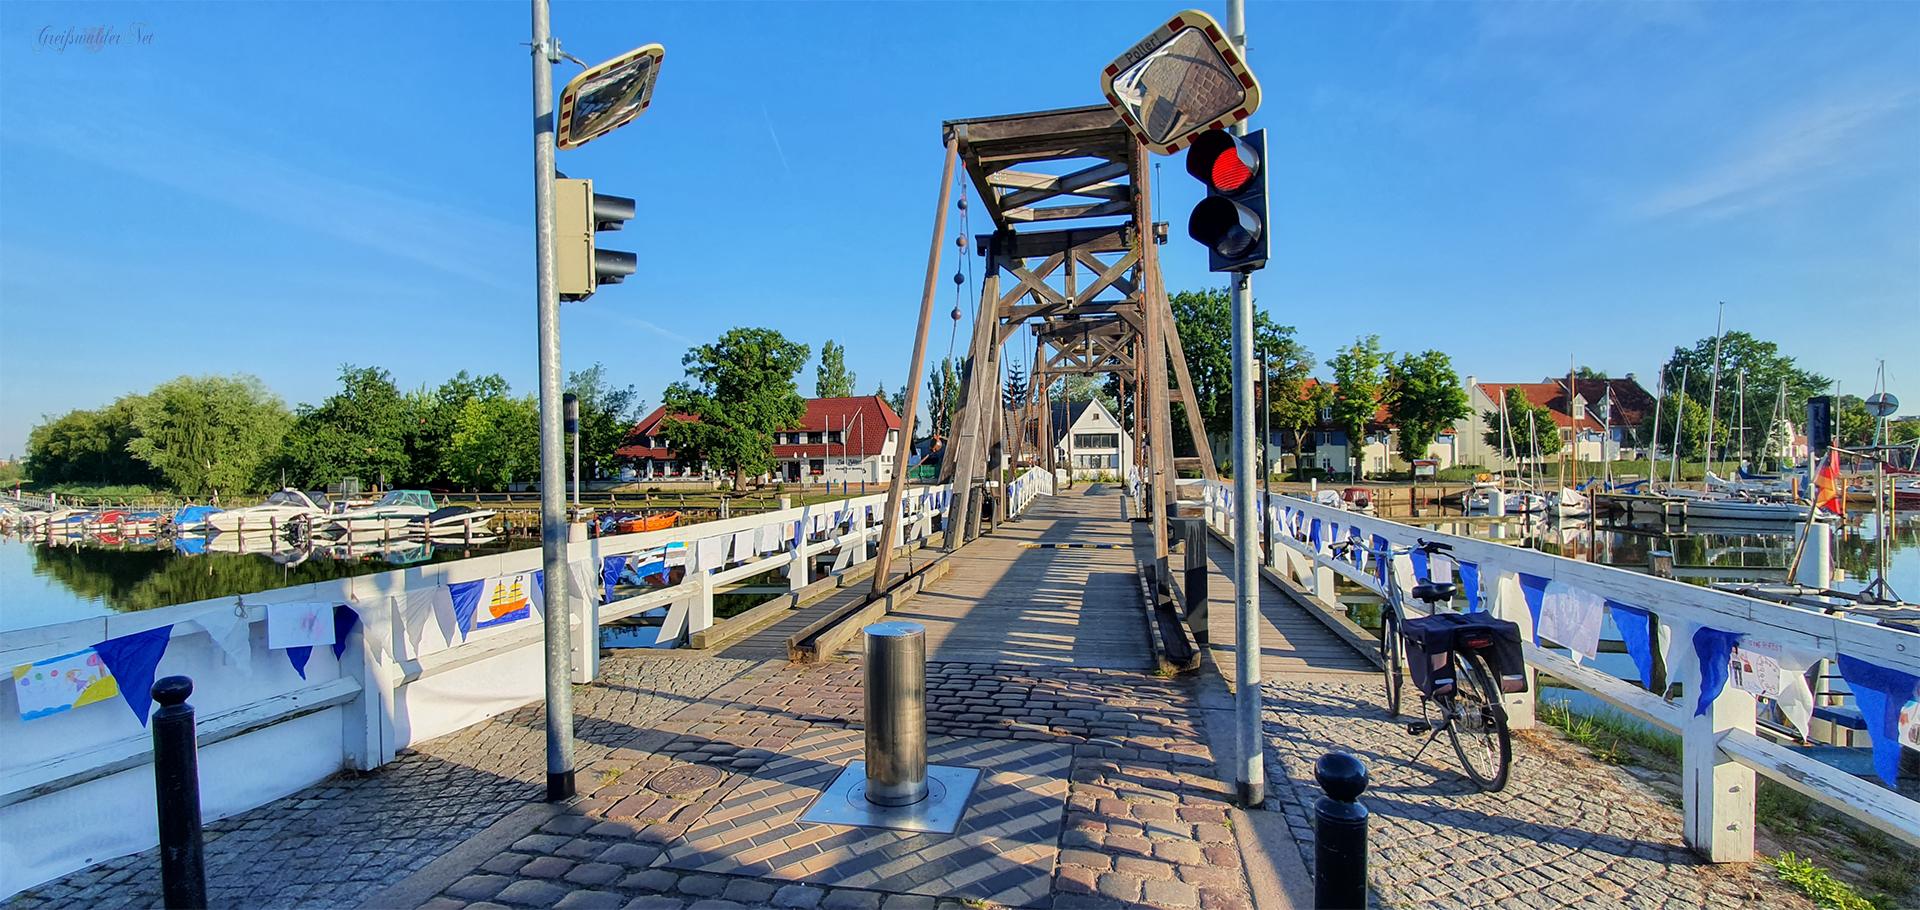 Samstagmorgen an der Holzklappbrücke in Greifswald-Wieck